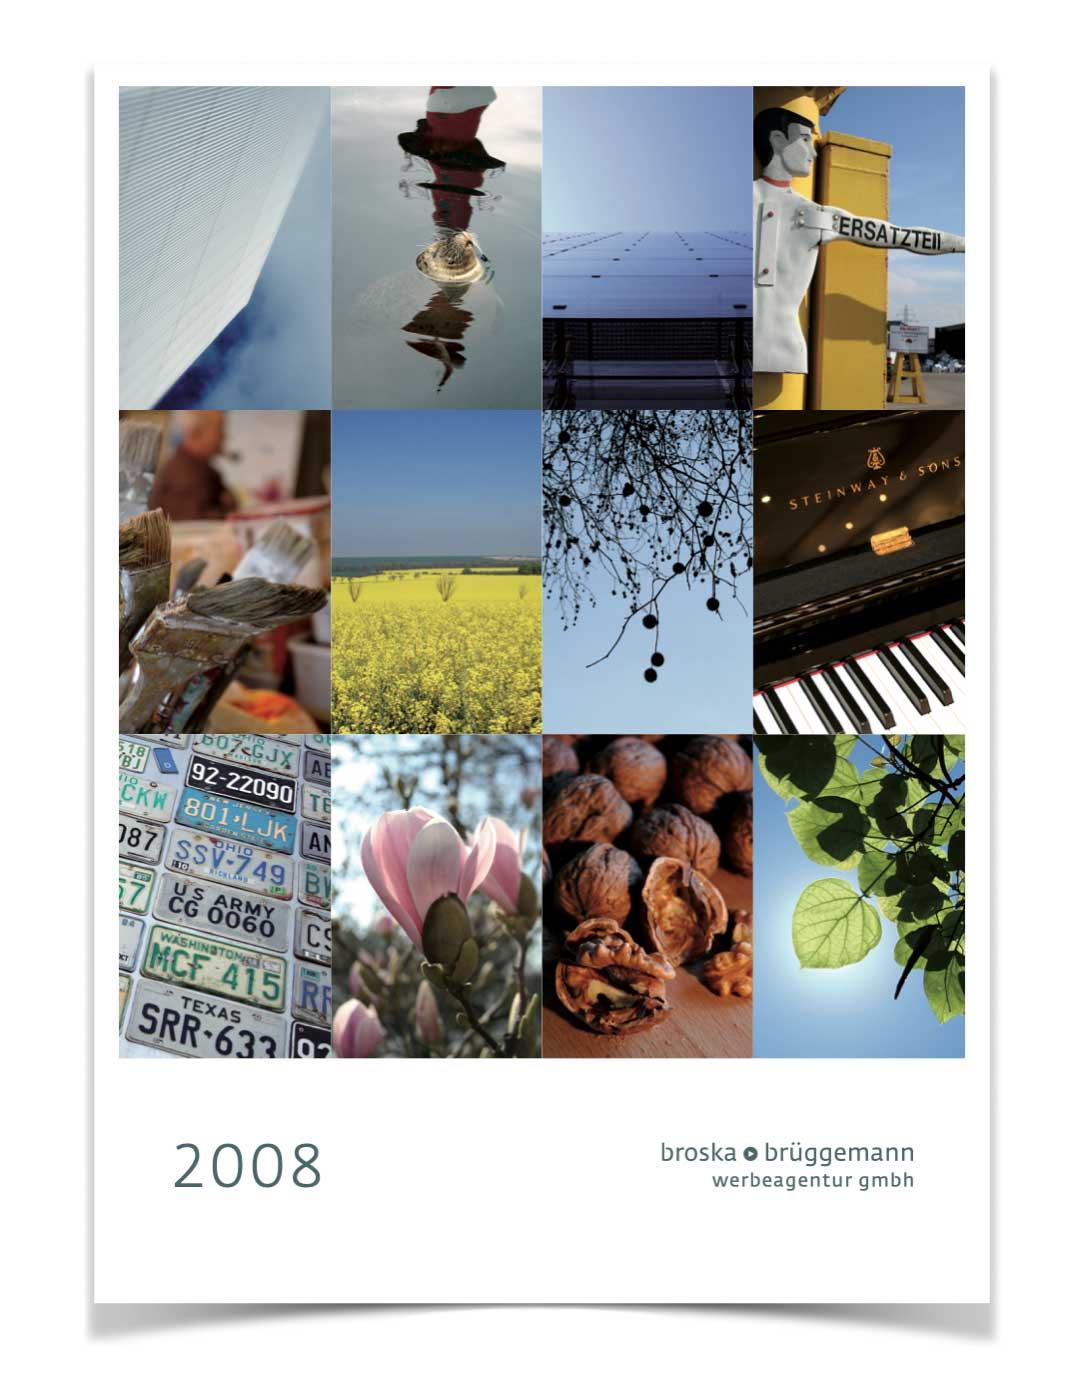 Agenturkalender 2008